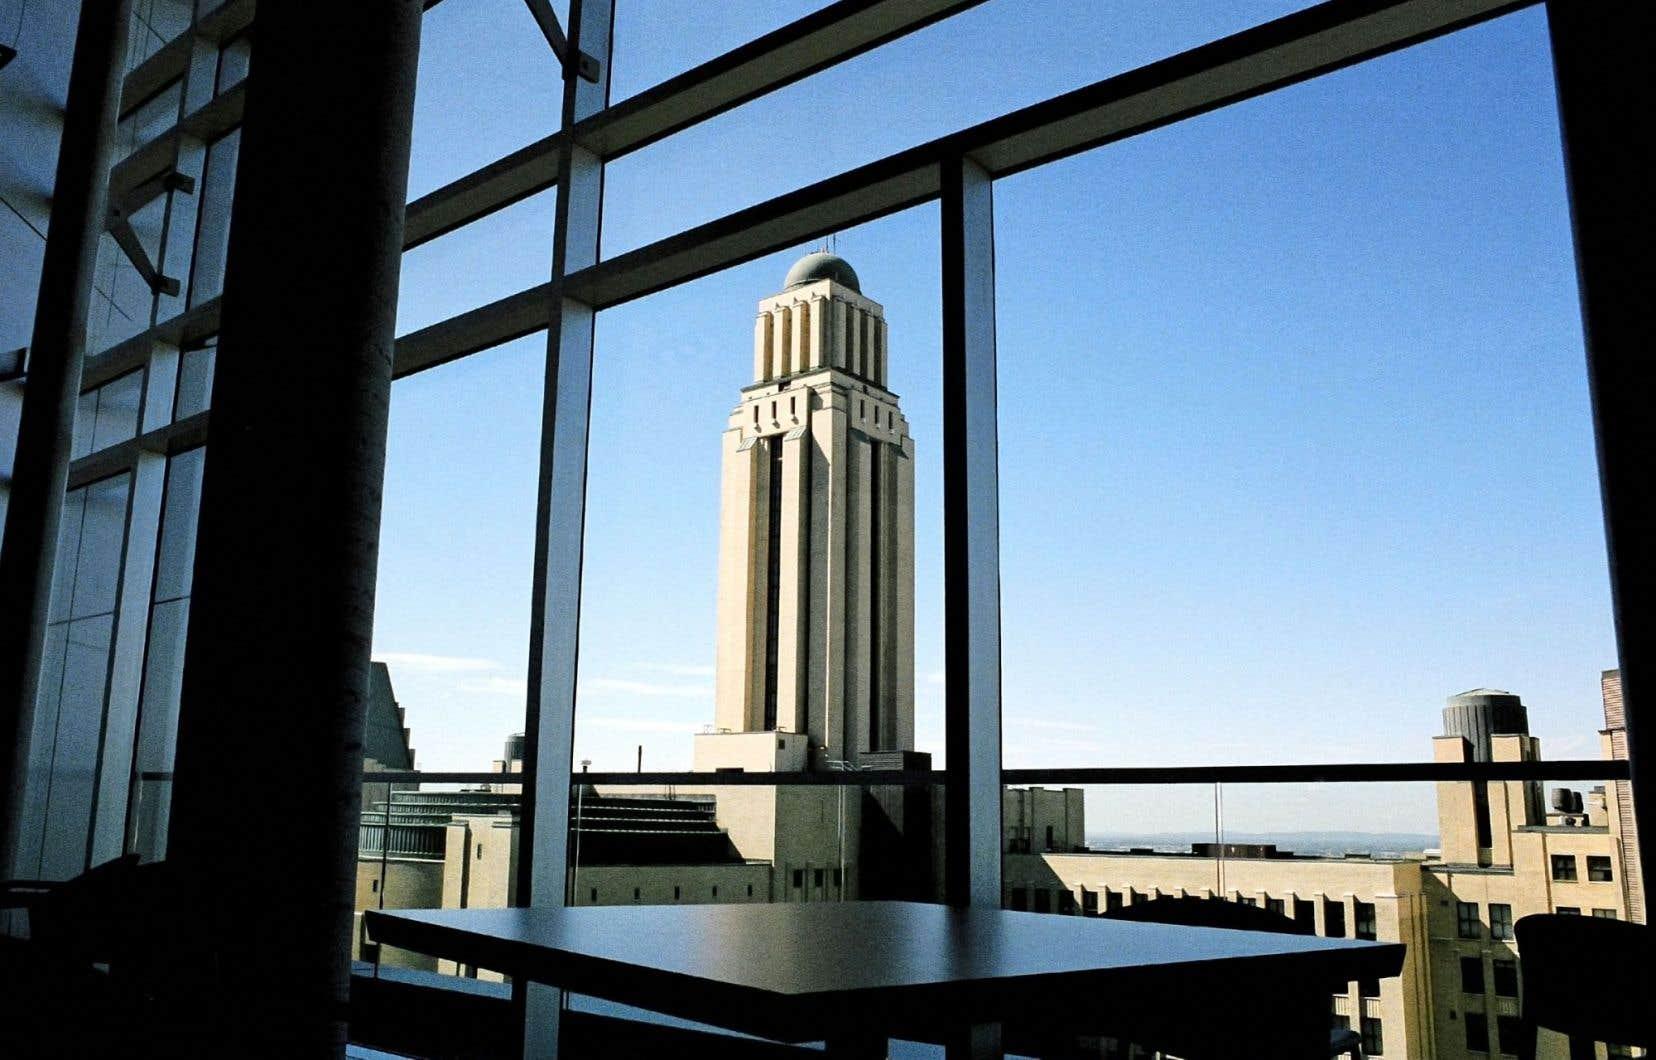 L'Agence universitaire francophone organisera conjointement avec l'Université de Montréal son prochain colloque, qui aura lieu les 18 et 19octobre.